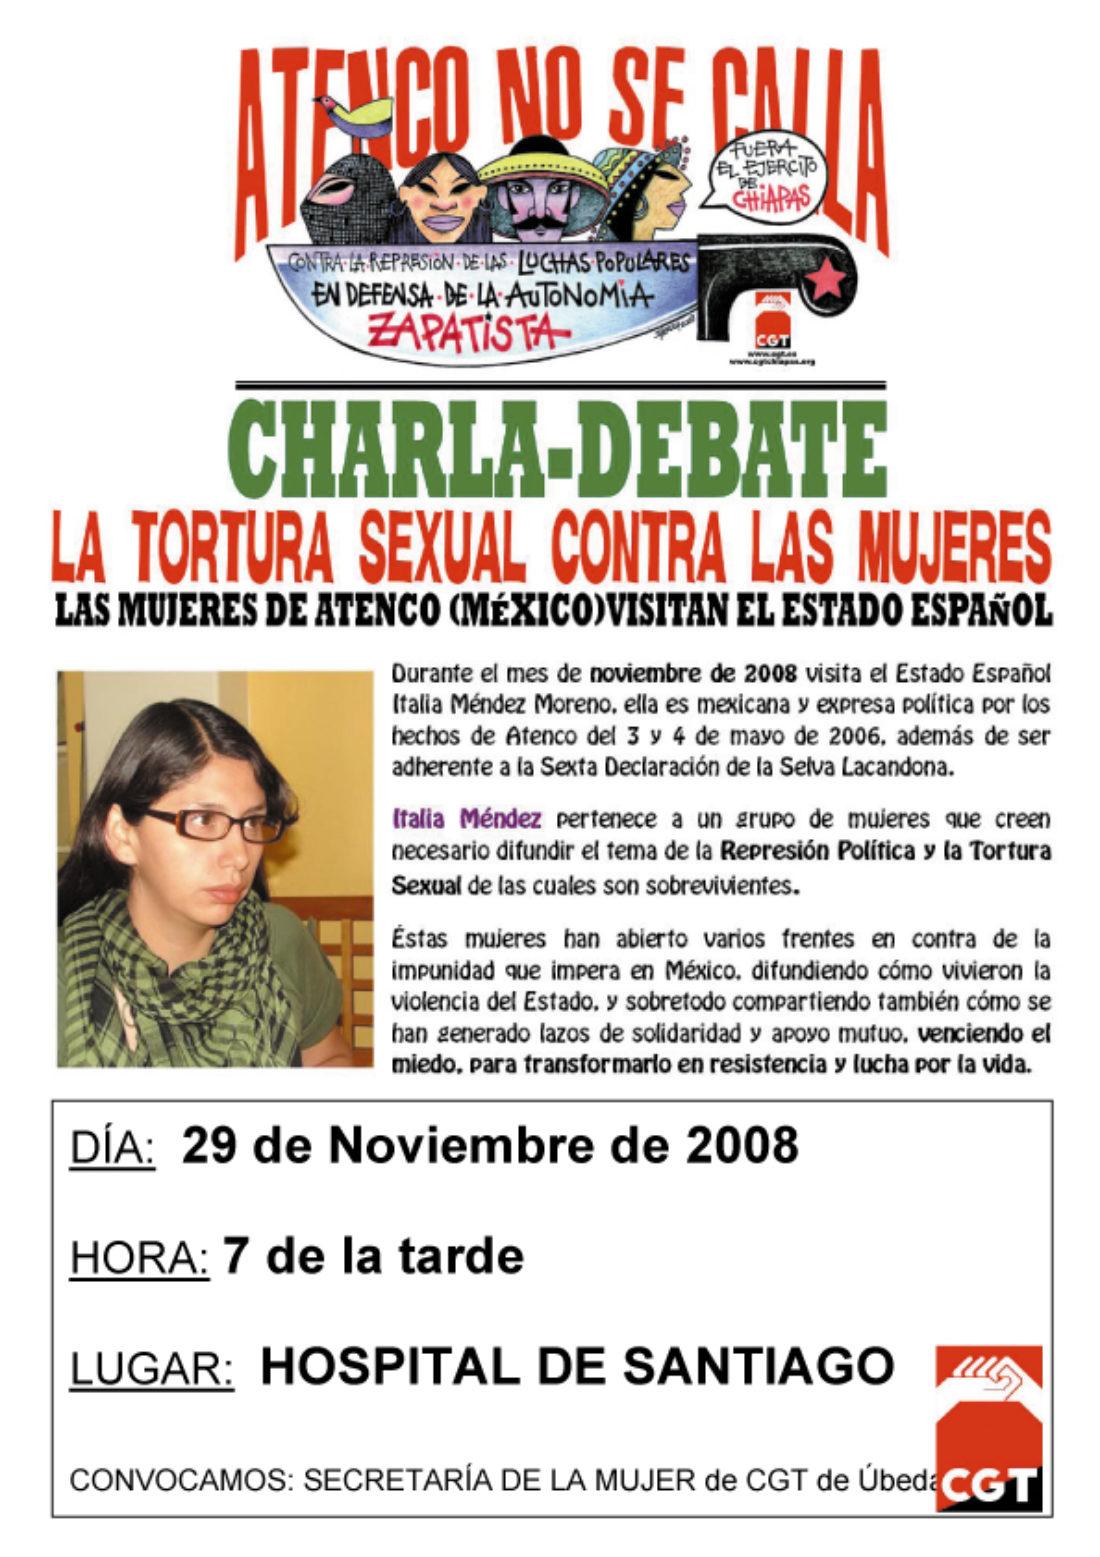 Italia Méndez, ex presa política mexicana, dará una charla en  Úbeda